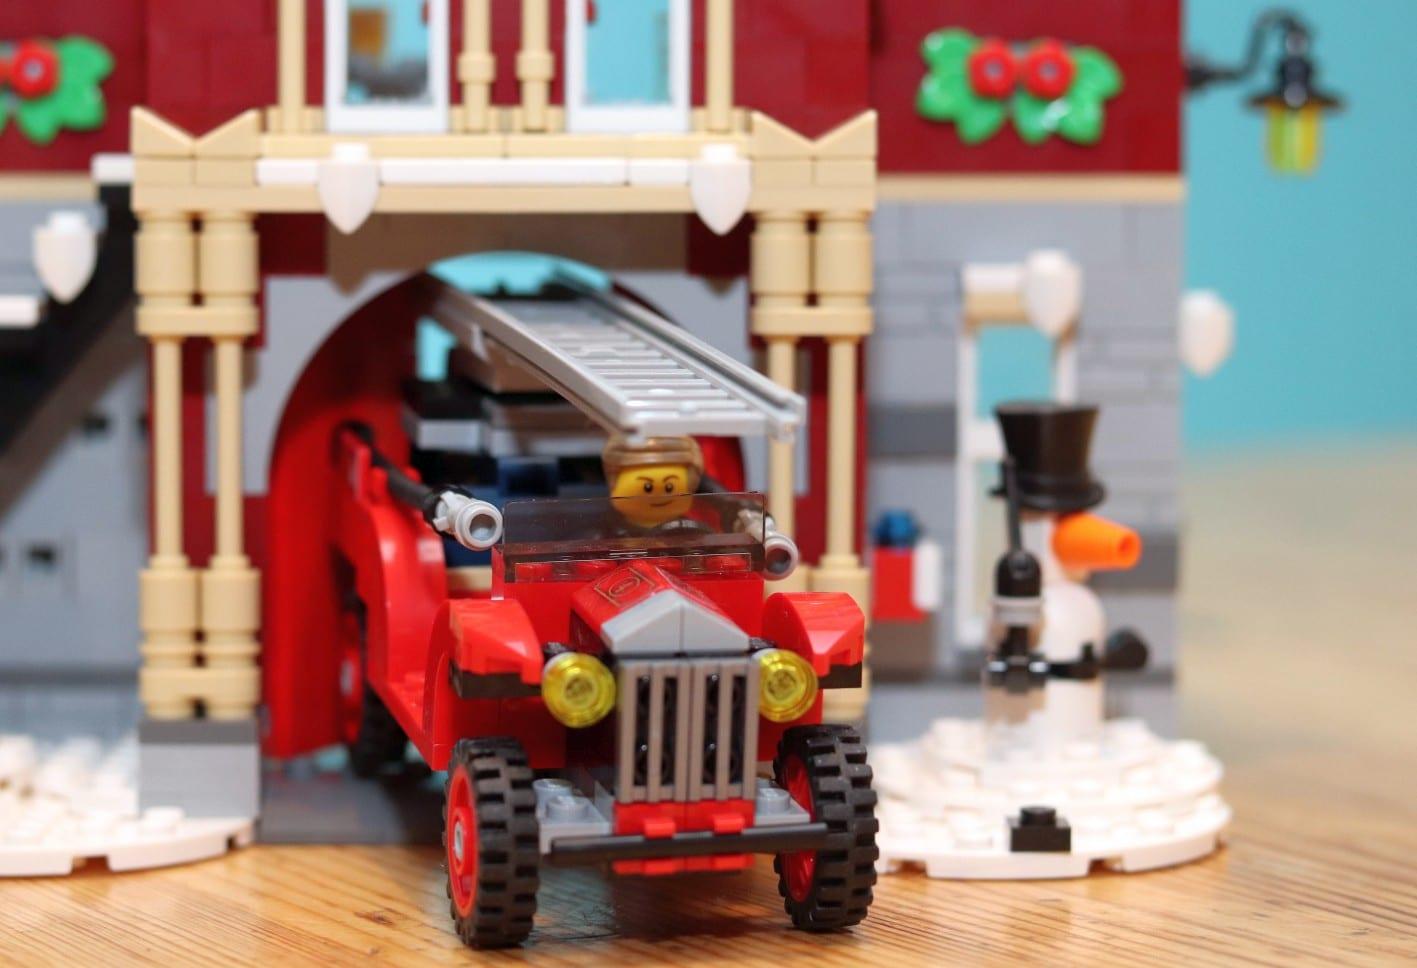 Lego_Expert_Feuerwache_grossekoepfe